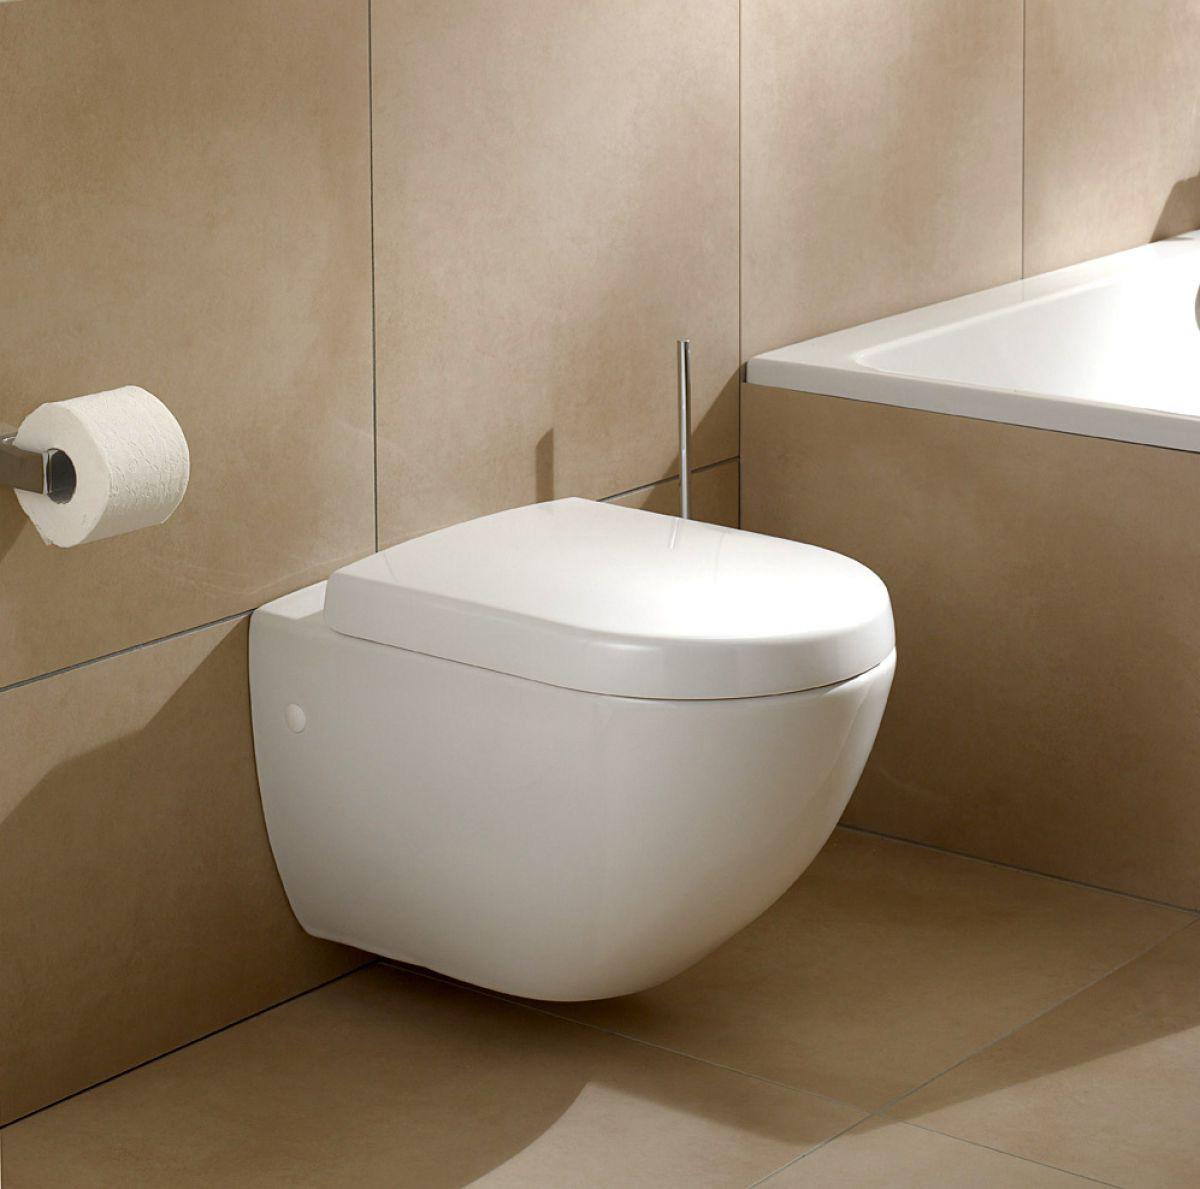 Comment Installer Toilette Suspendu nos wc à poser, suspendus, broyeurs, sans bord, à jet